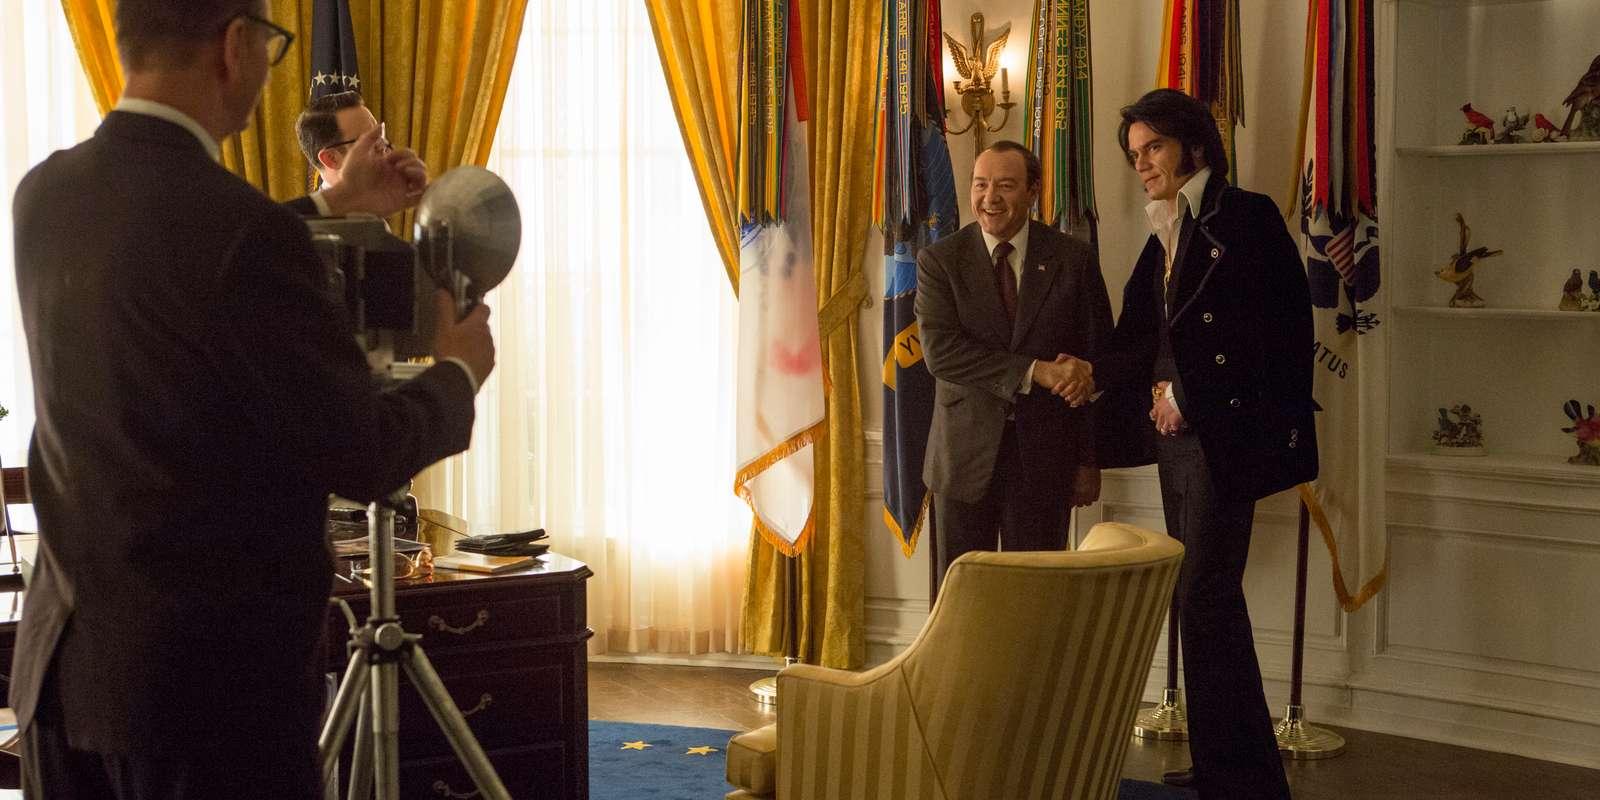 دانلود فیلم Elvis & Nixon 2017